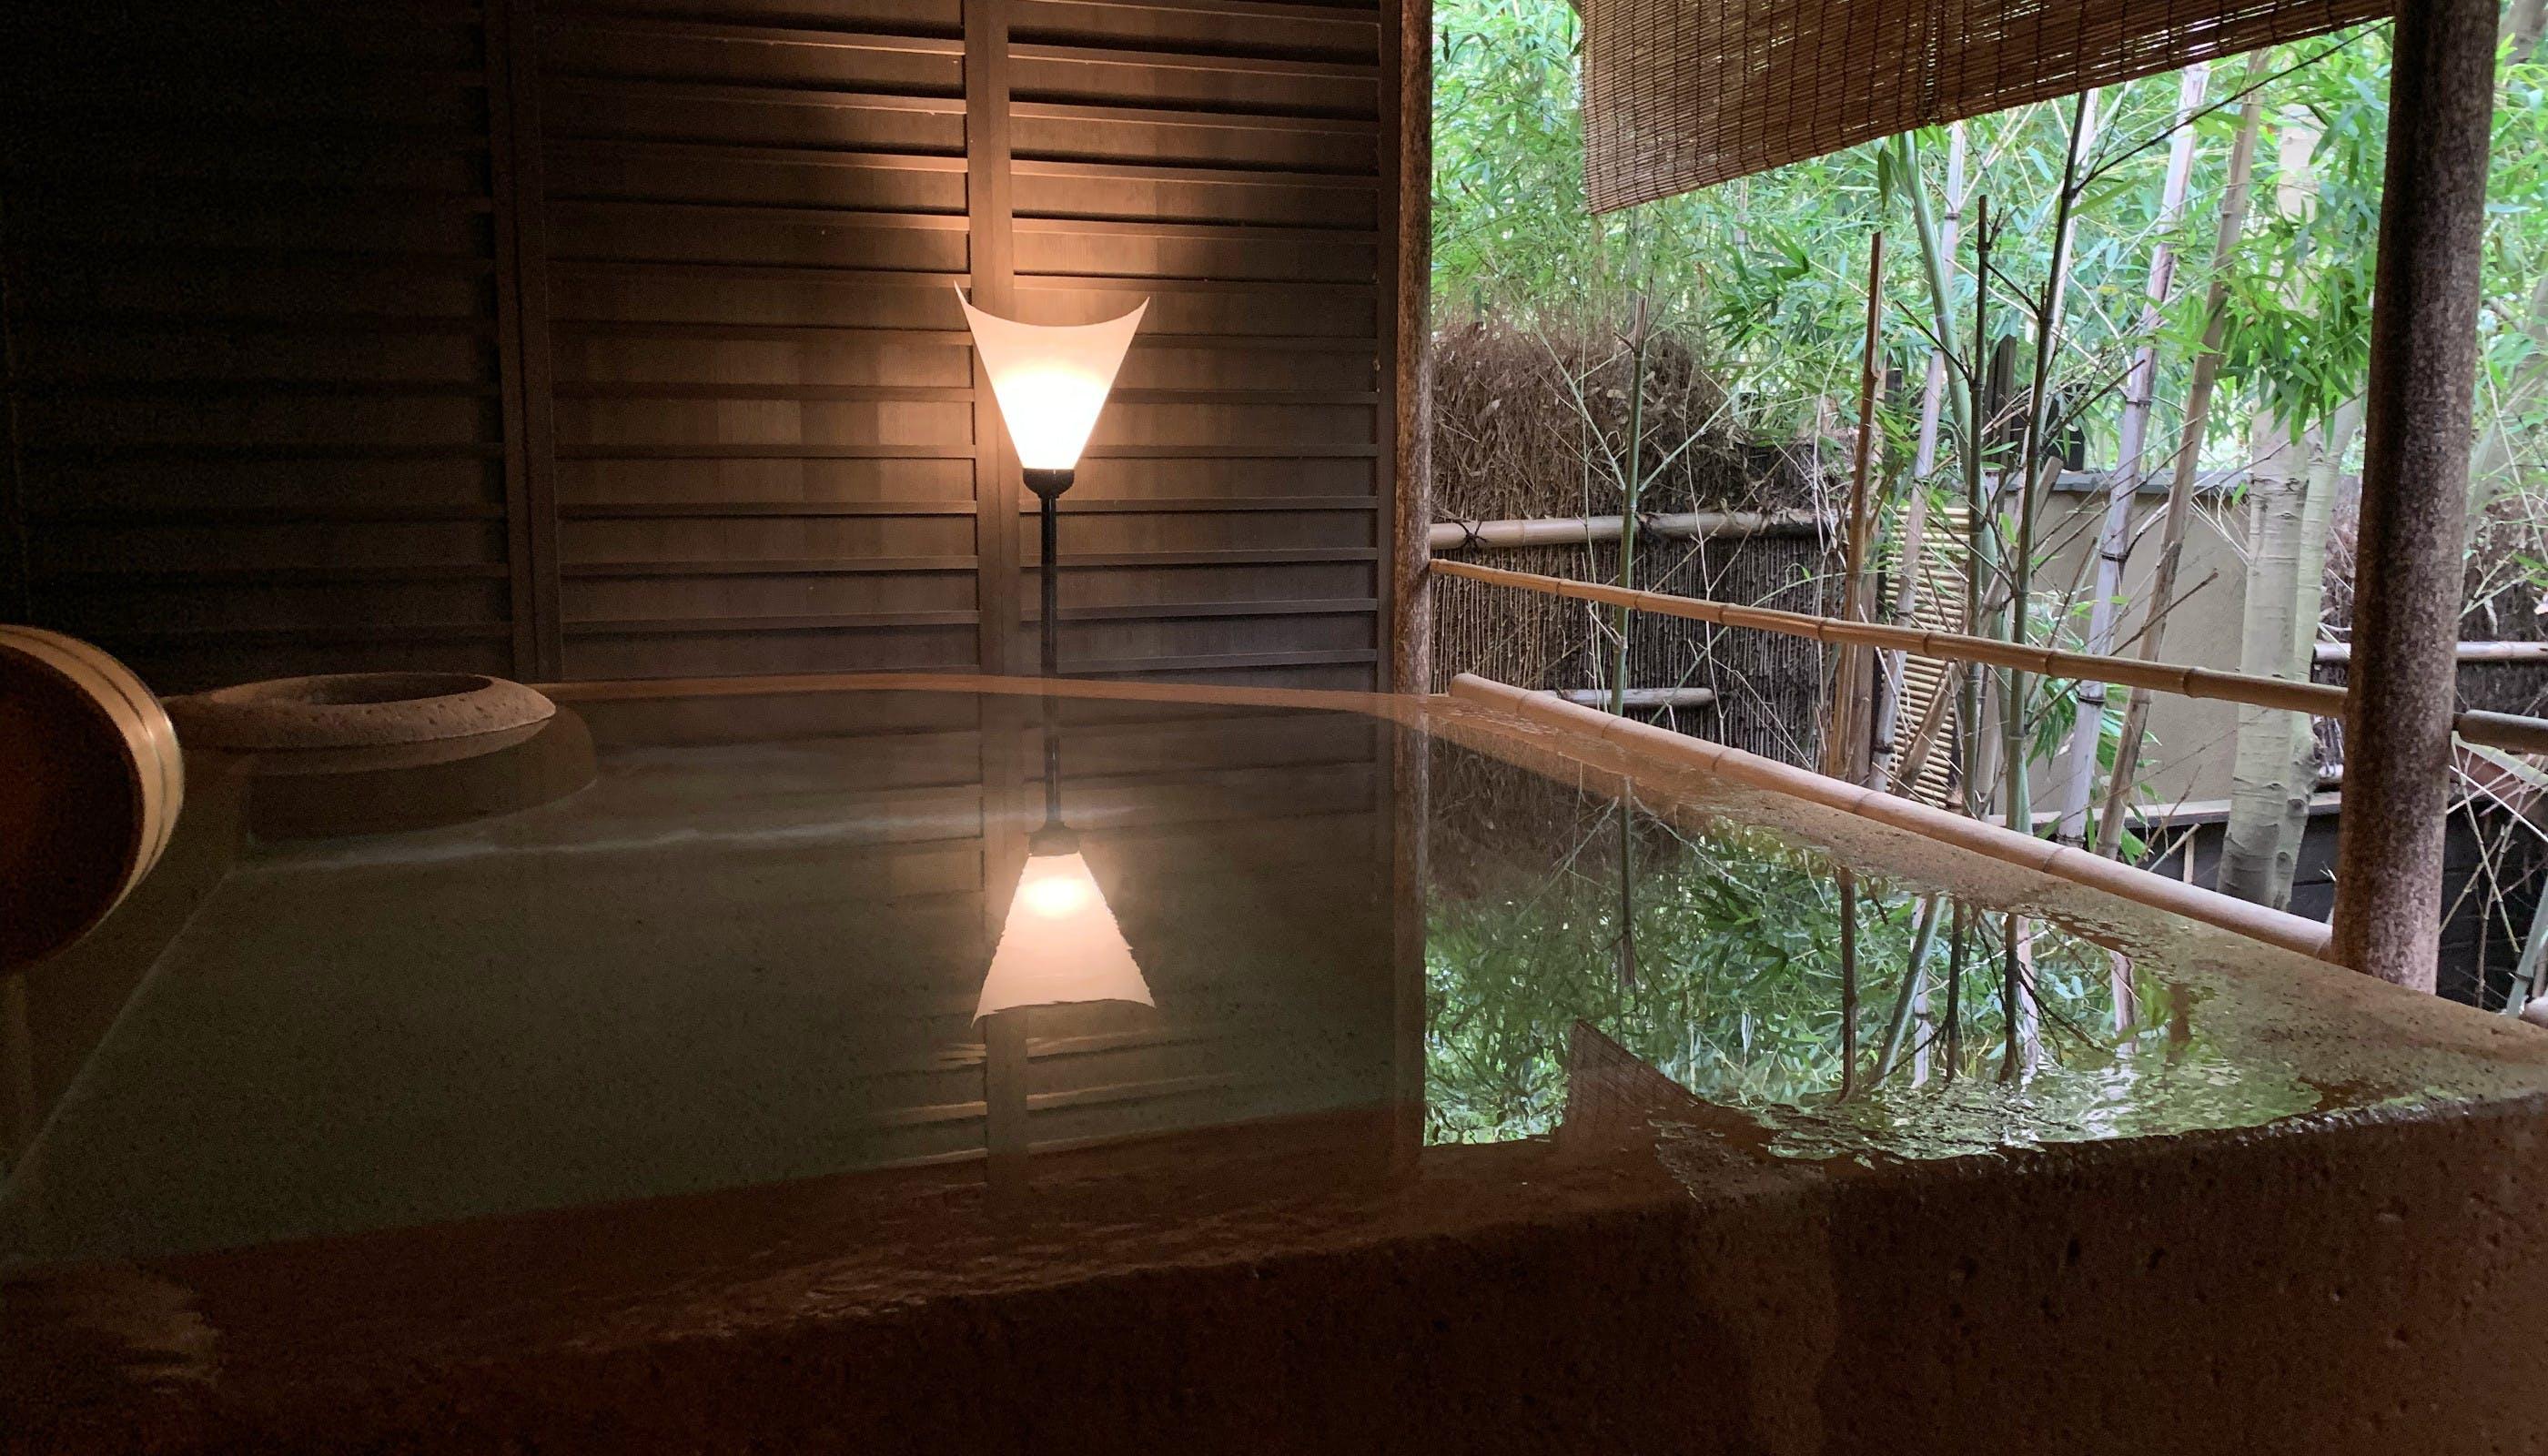 【取材】伊豆・修善寺、匠の技が魅了する数寄屋建築の名旅館